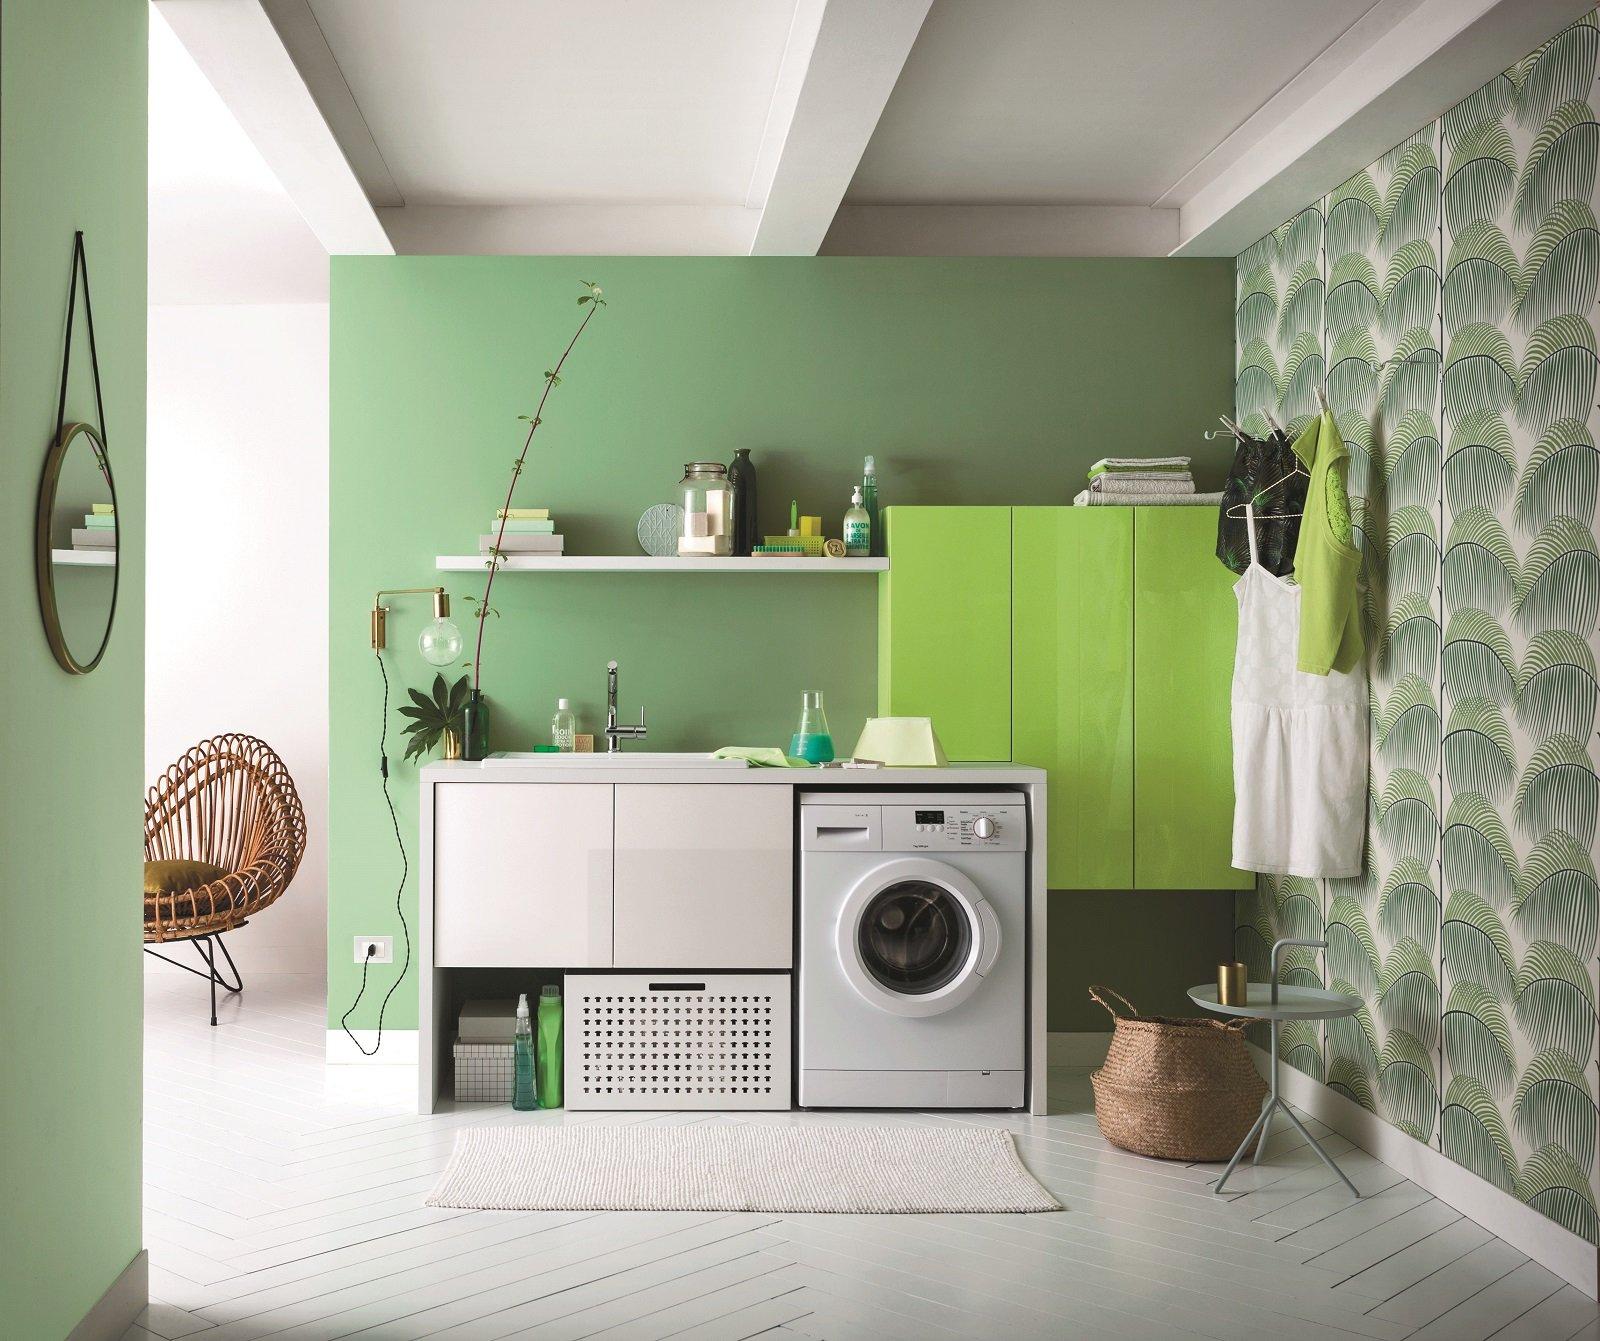 Lavanderia in bagno cose di casa - Arredamento casa 2017 ...